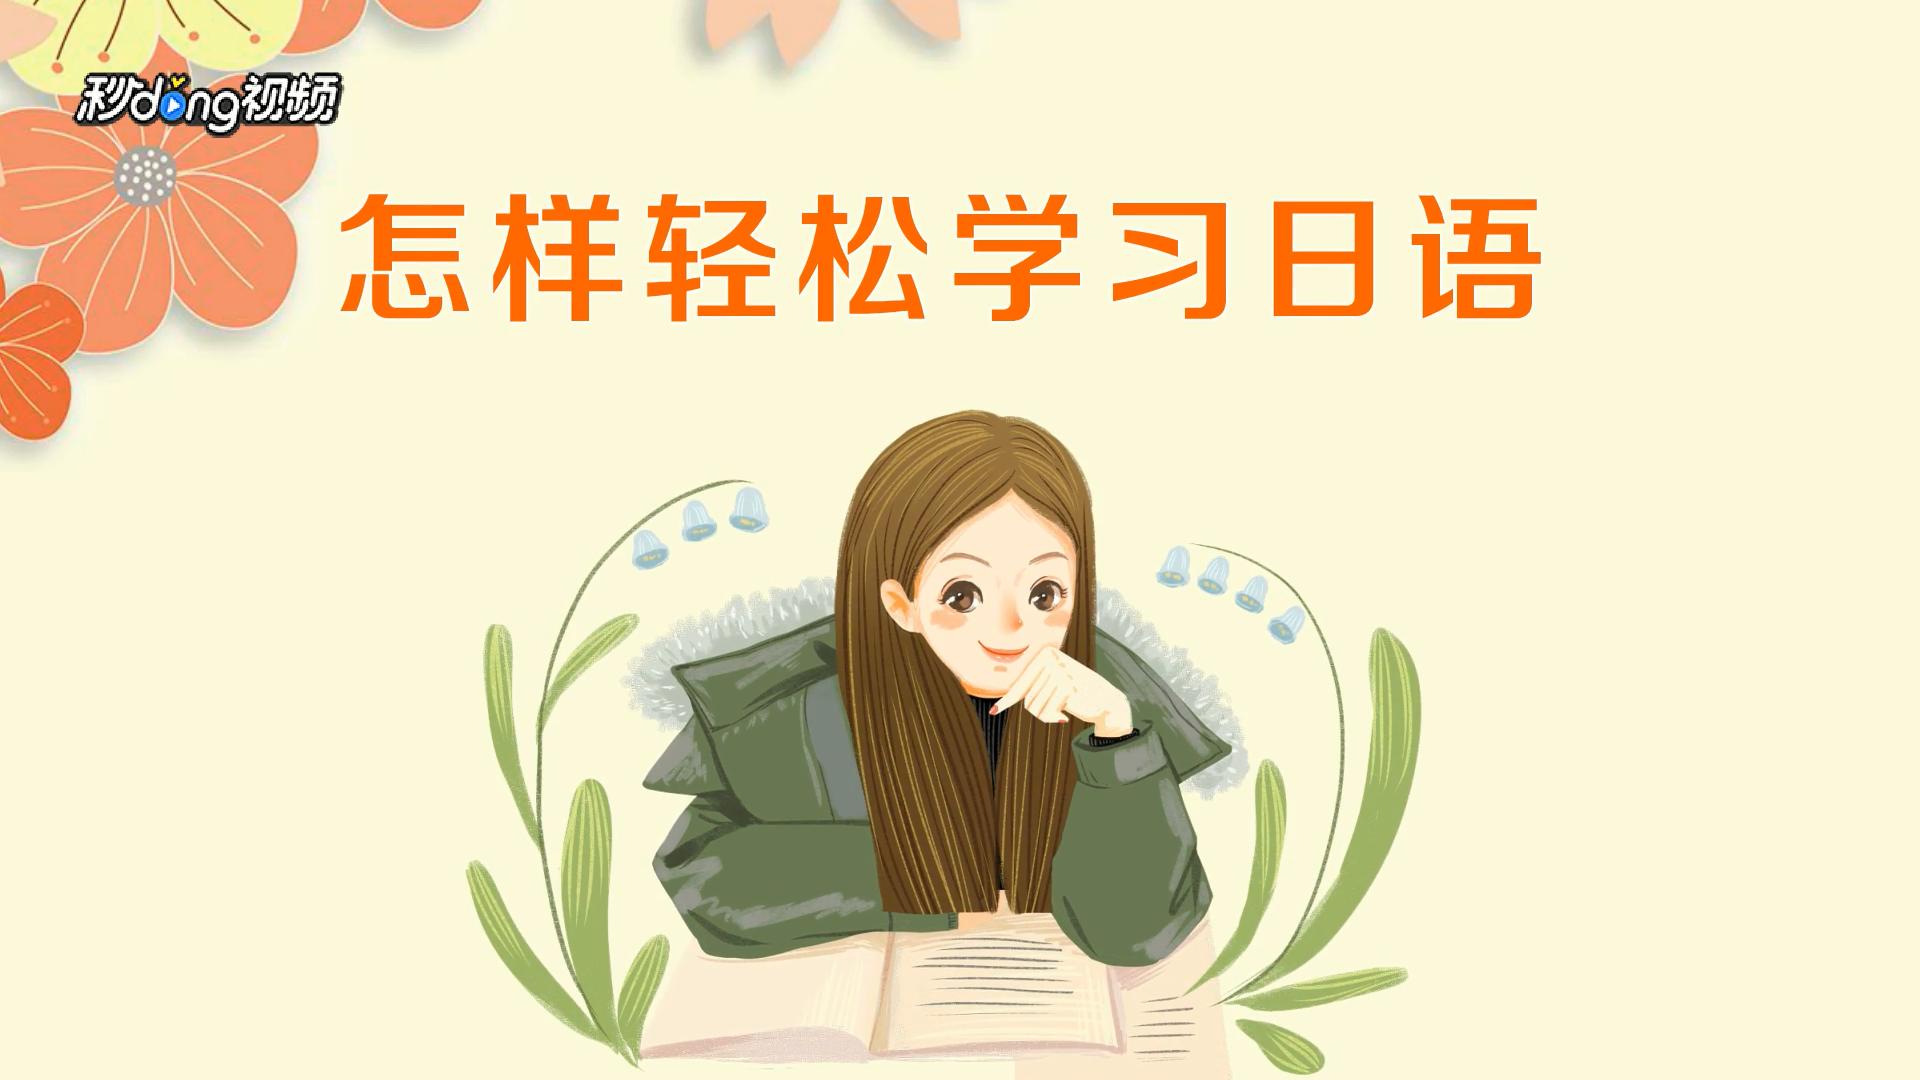 想当日语老师应该学什么专业 当日语老师的条件图片